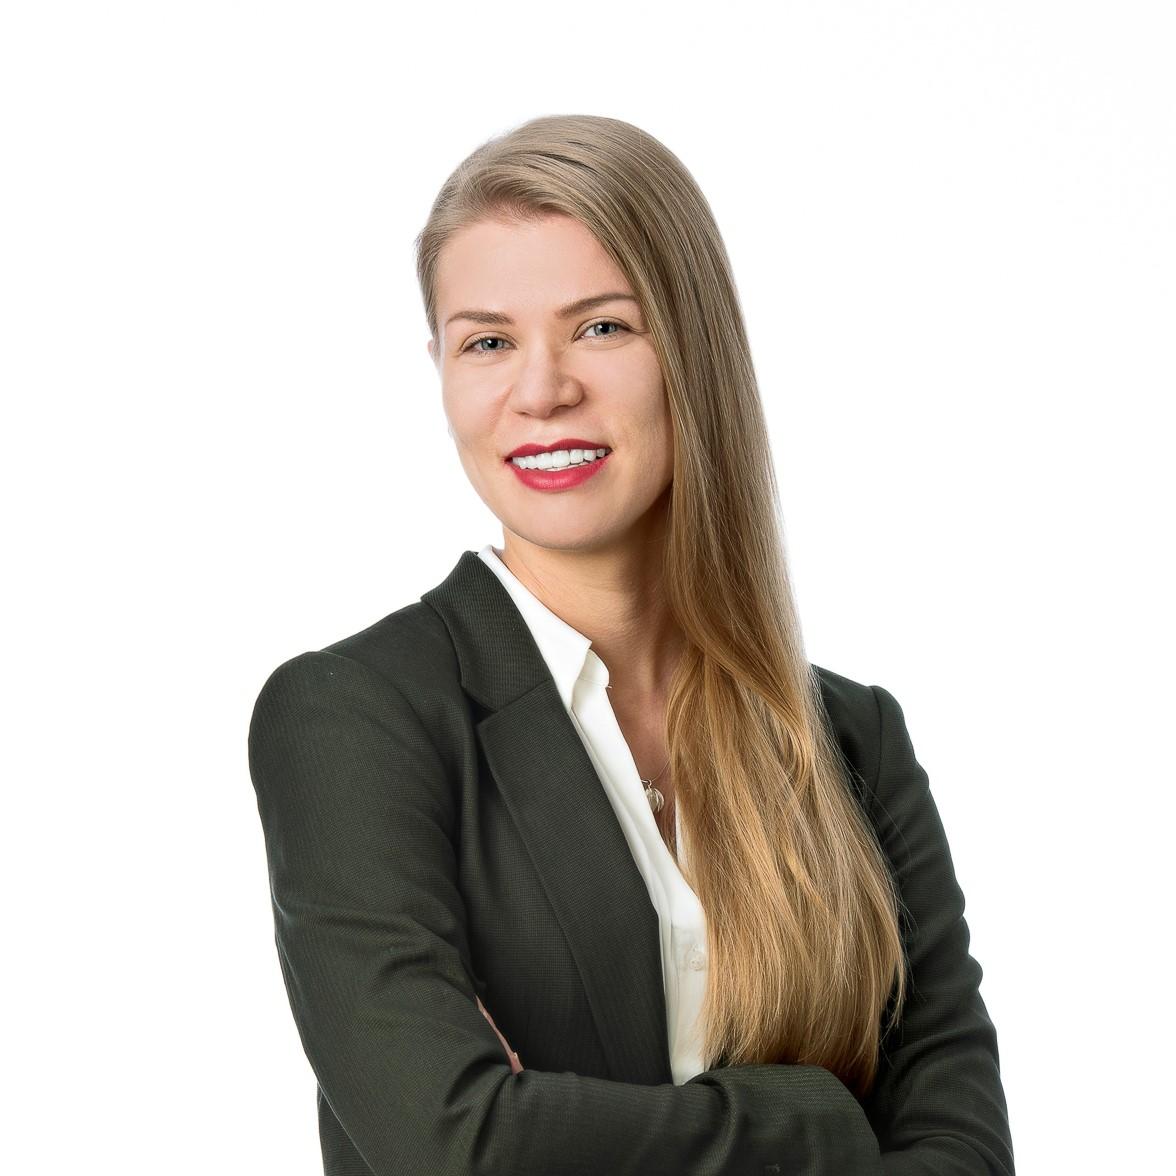 Emilia Osmala